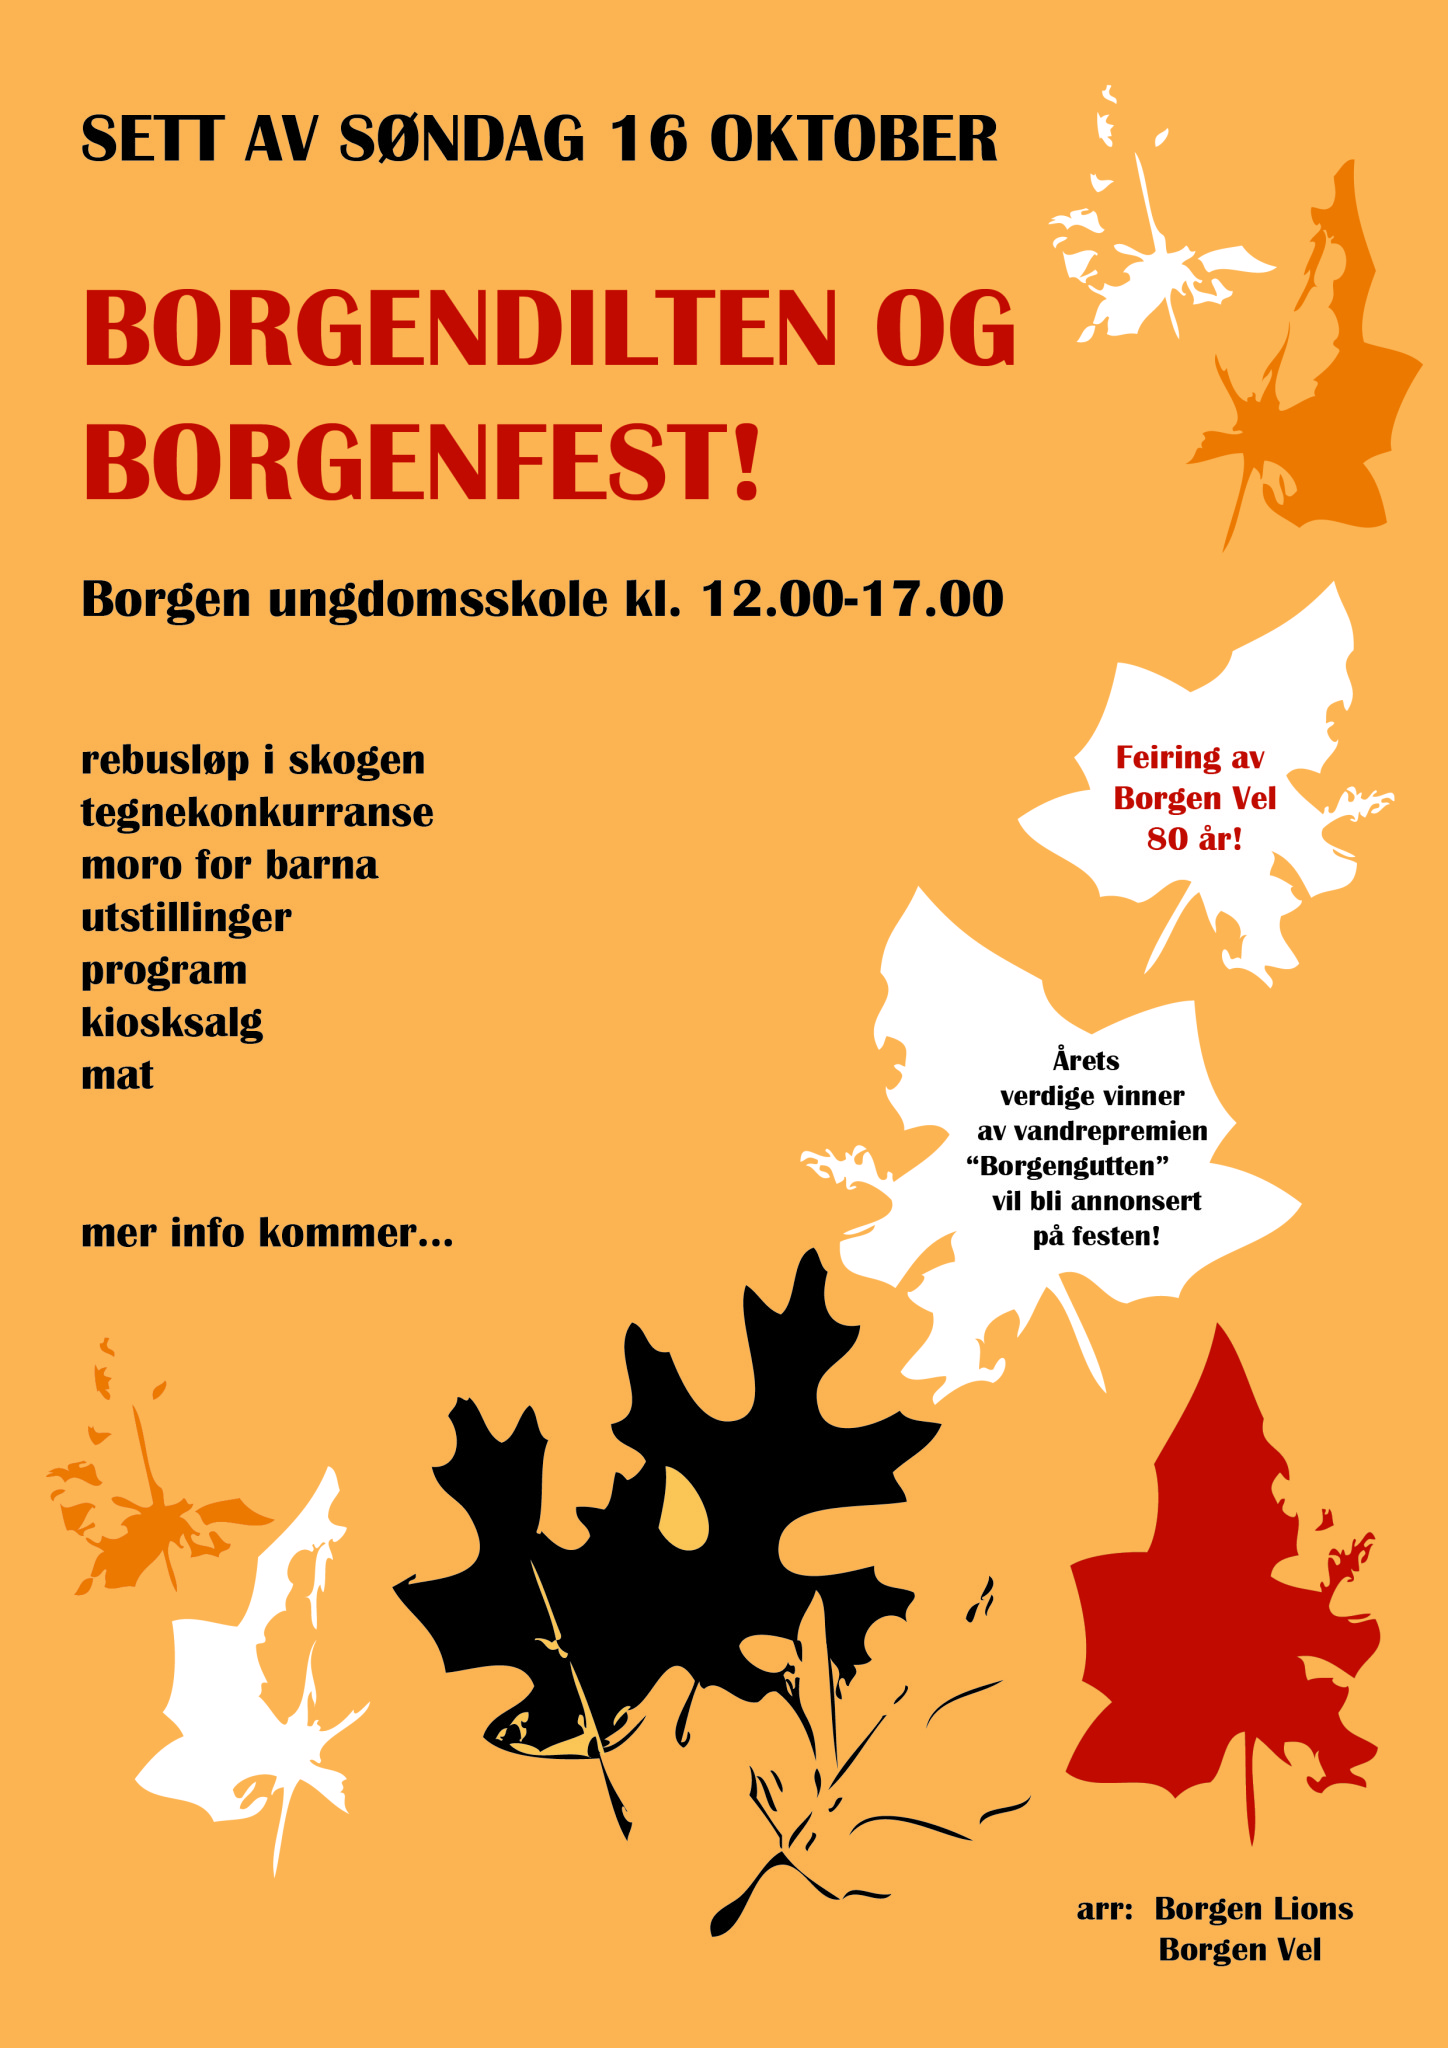 borgenfest_teaser_staende